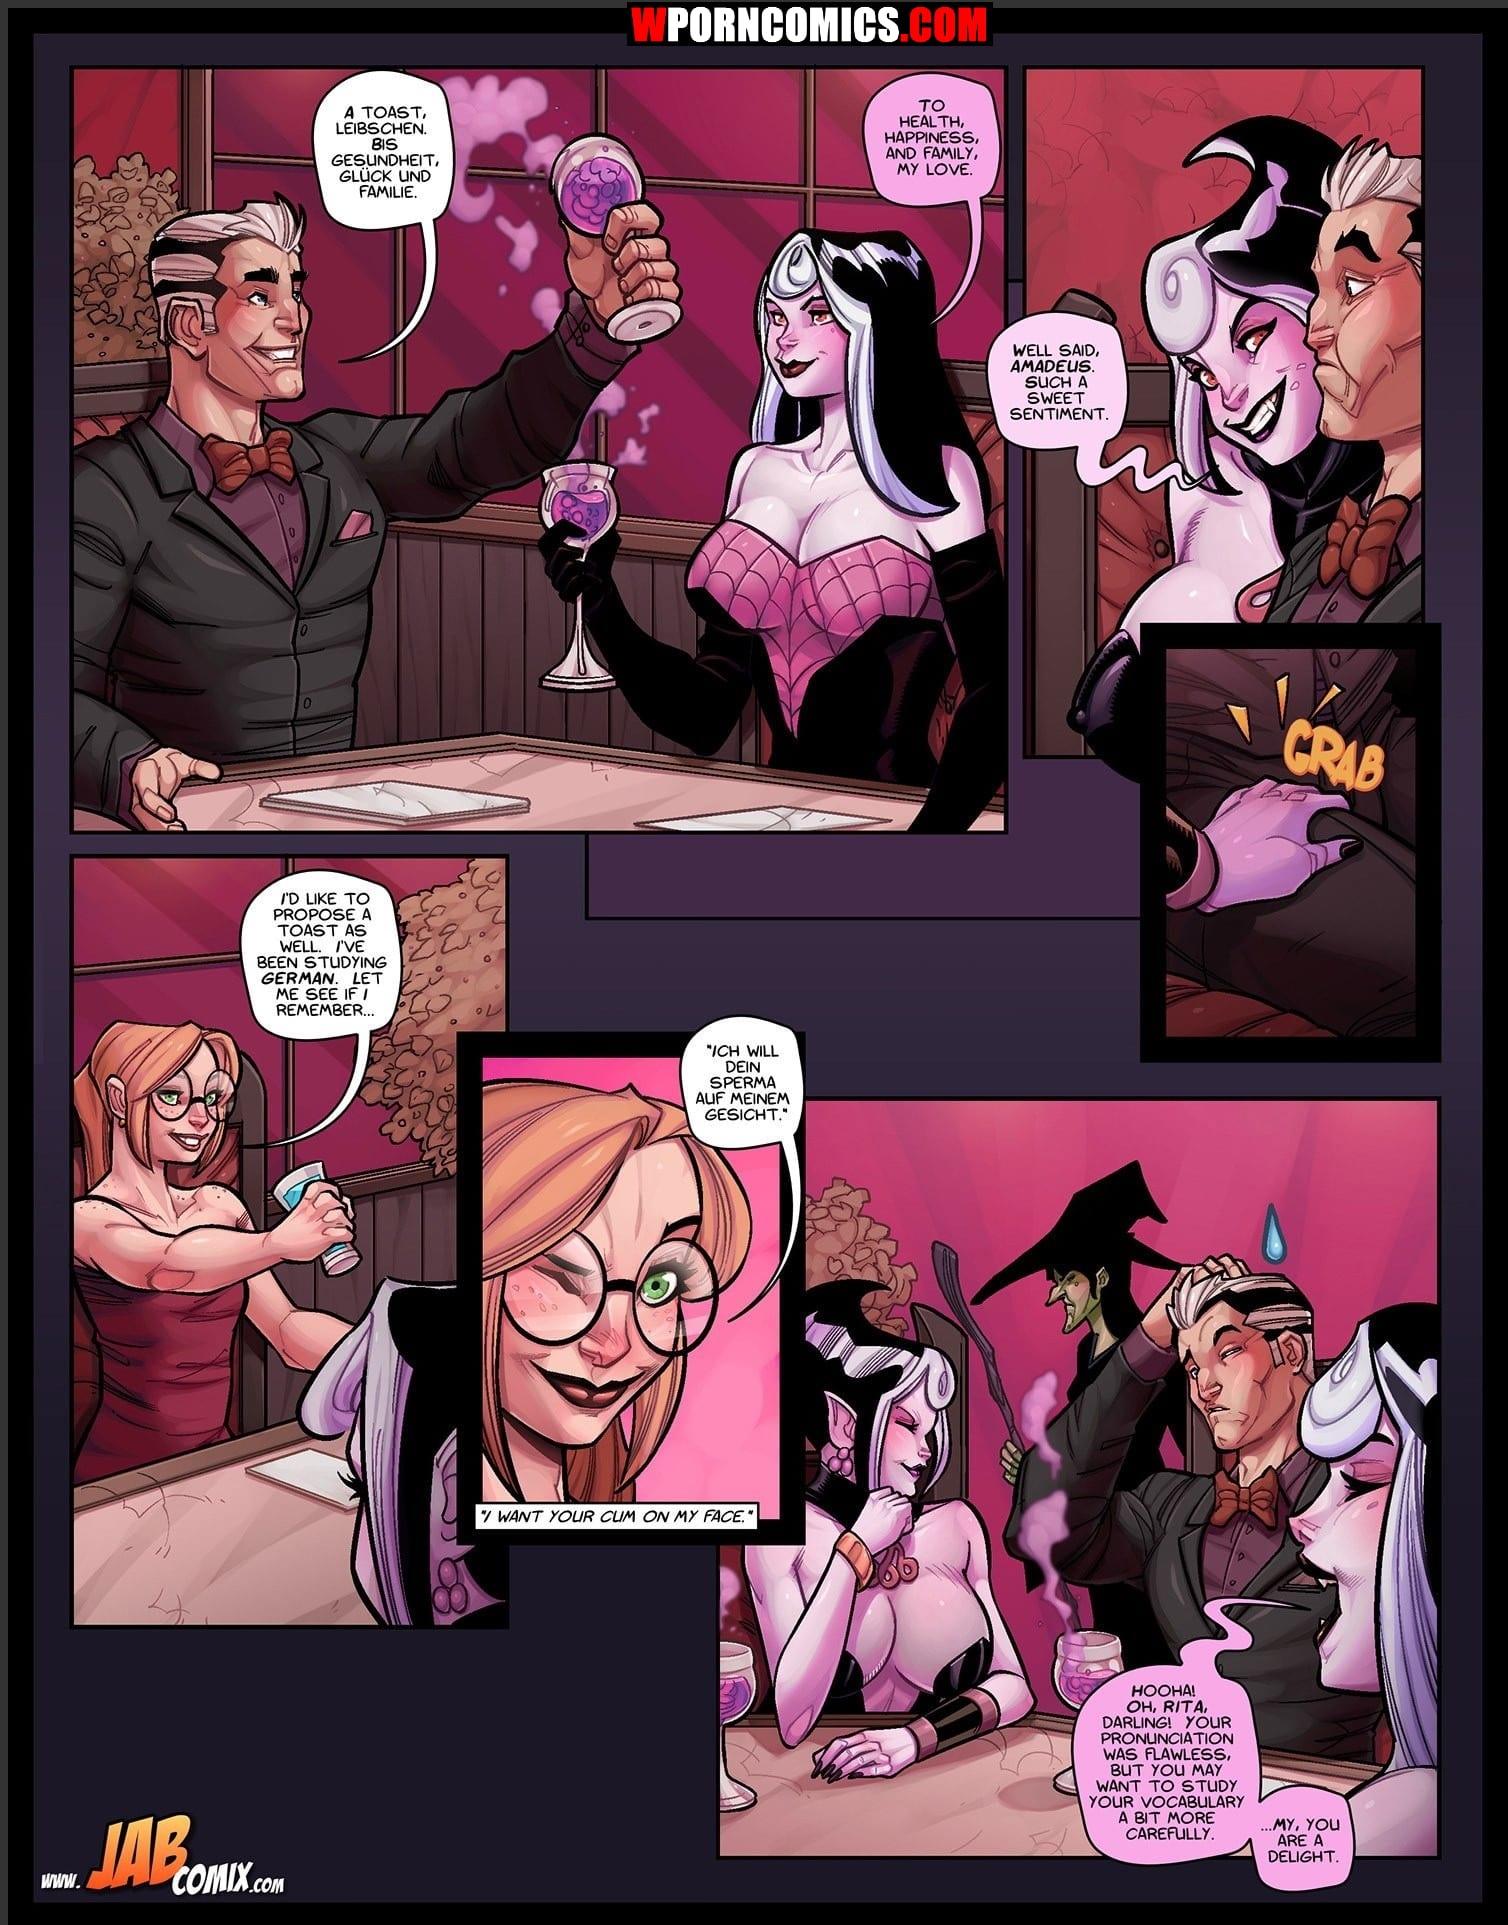 porn-comic-the-creepies-part-3-2020-02-14/porn-comic-the-creepies-part-3-2020-02-14-25003.jpg